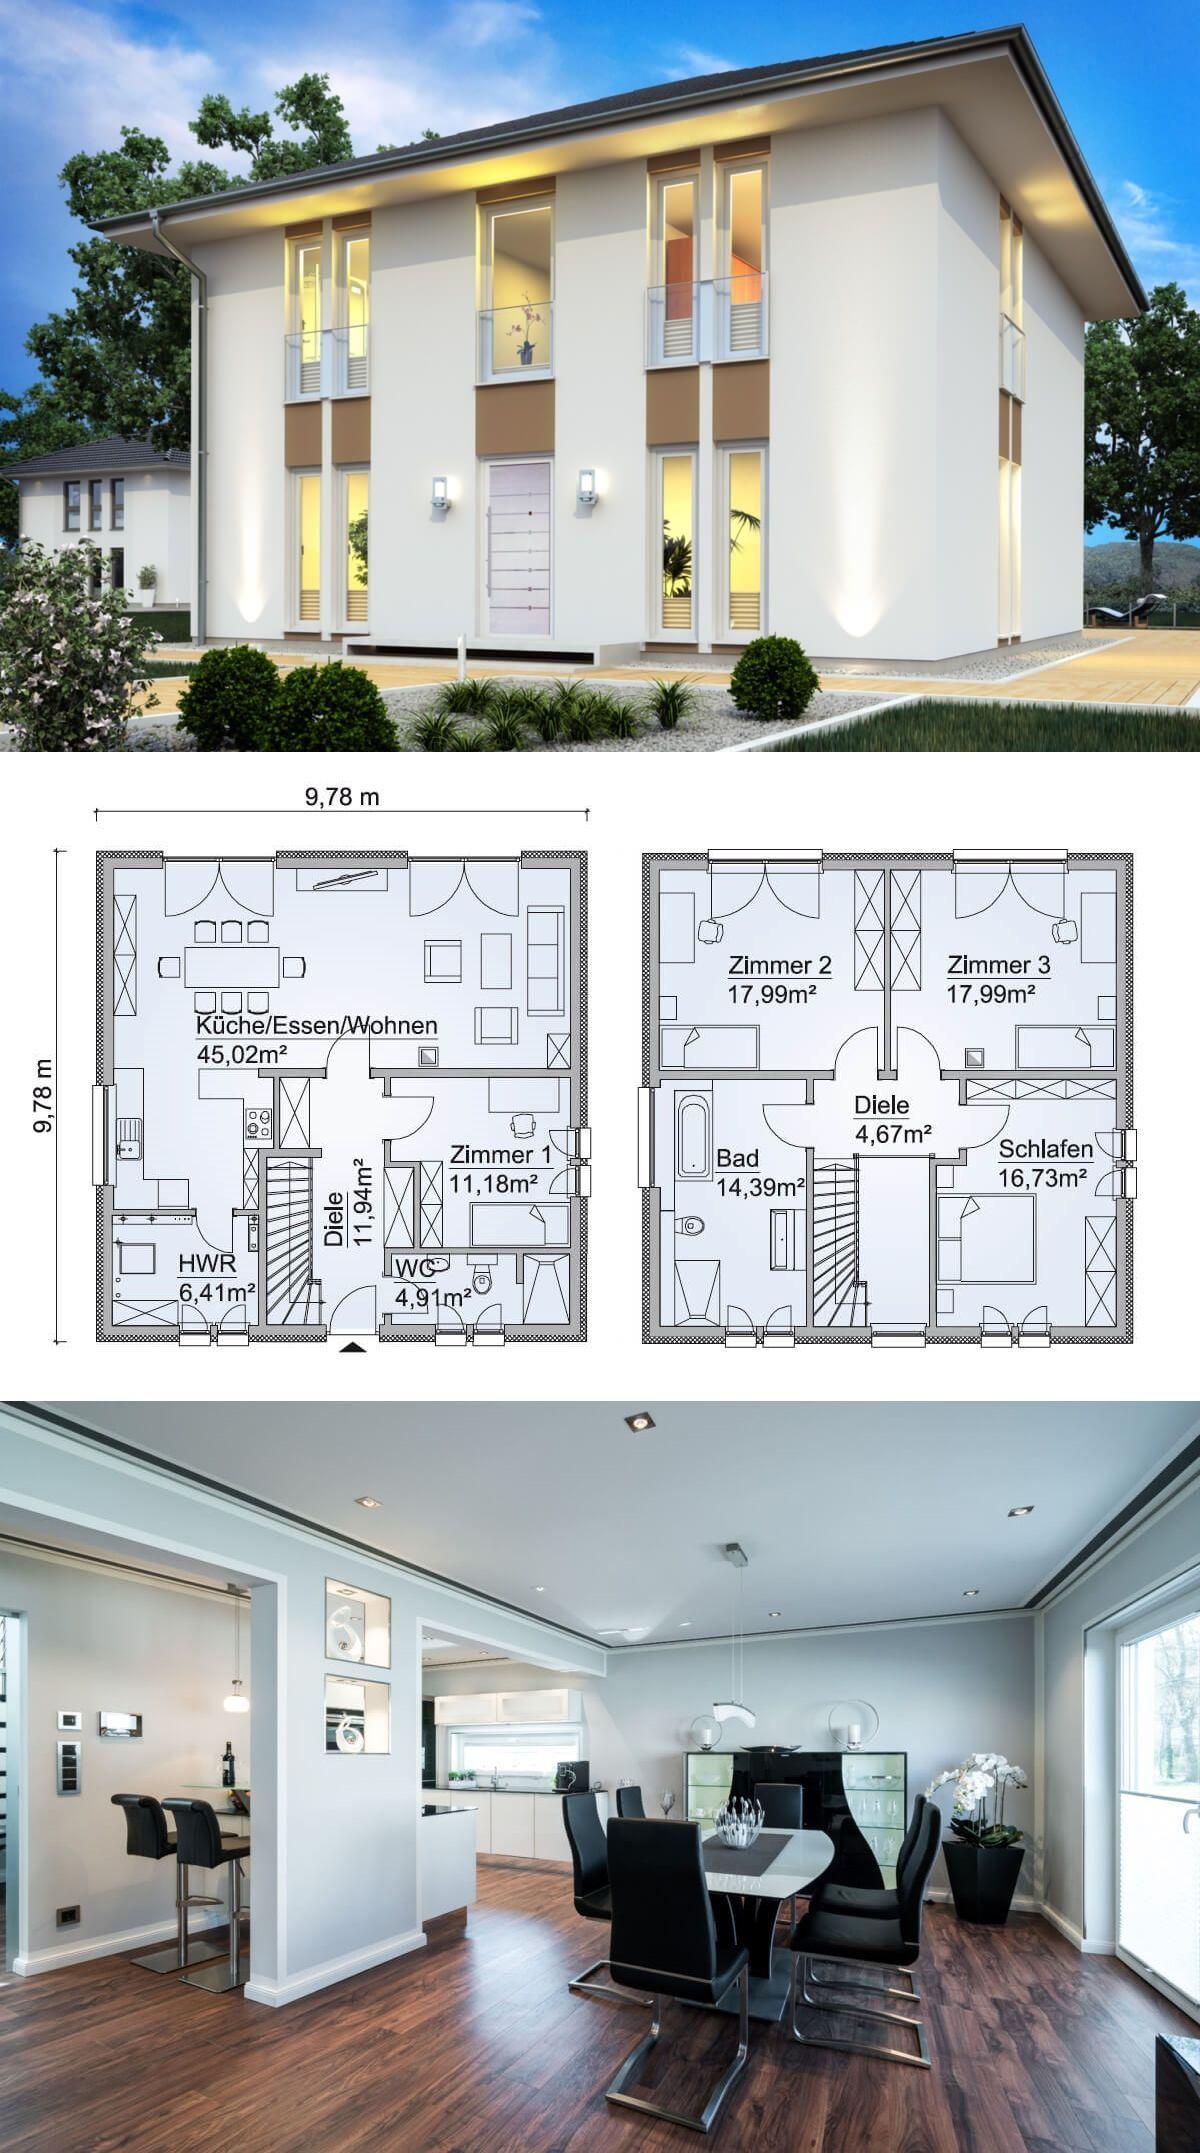 Stadtvilla Neubau modern mit Zeltdach Architektur & Eingangsbereich ...